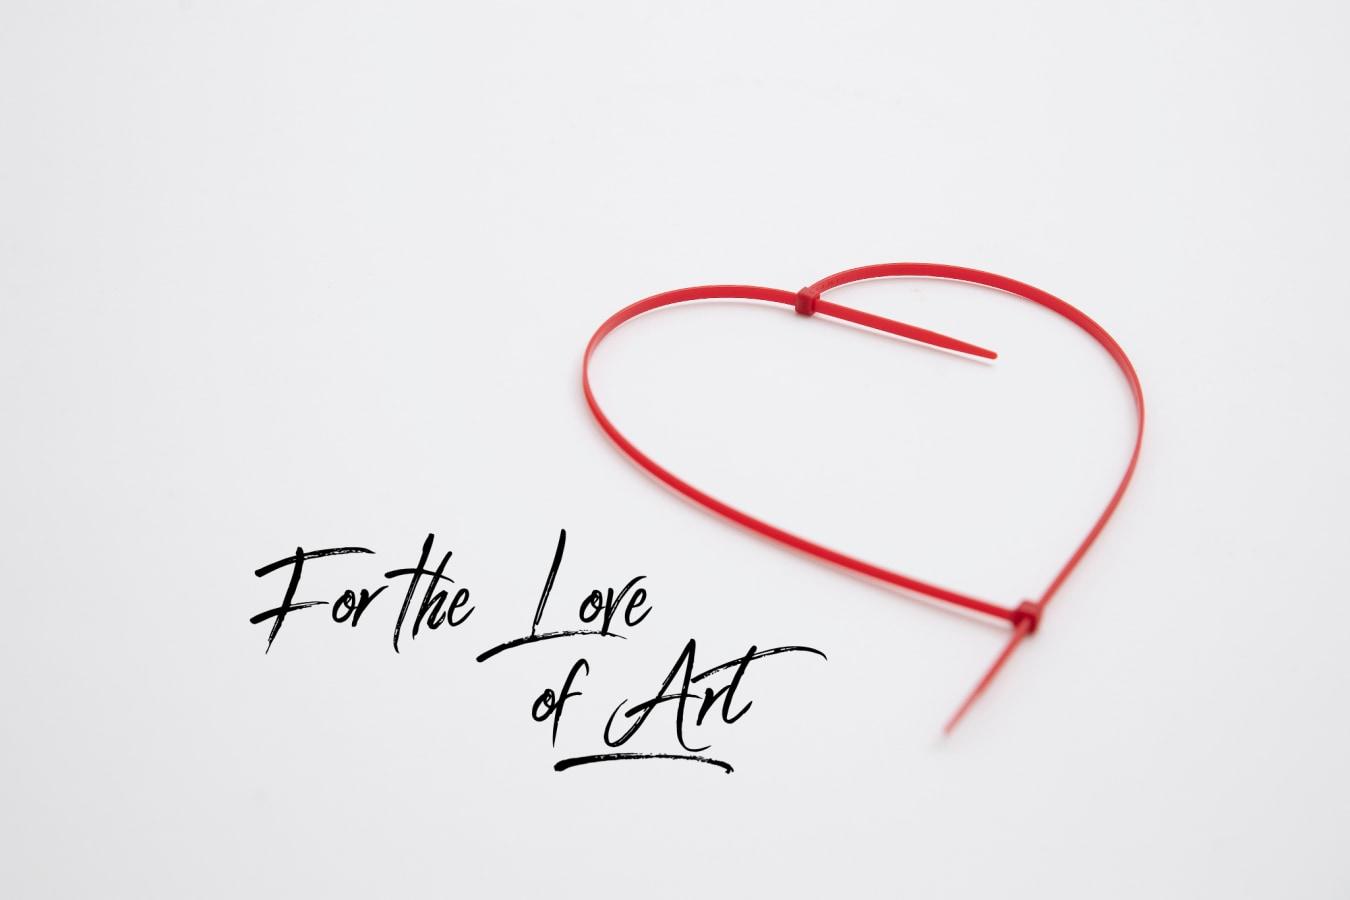 For The Love of Art, Bob Bonies, Frank Halmans, Michel Hoogervorst, Joncquil, Reinier Lagendijk, Reinoud Oudshoorn, D.D. Trans, Warffemius, Johan de Wit,